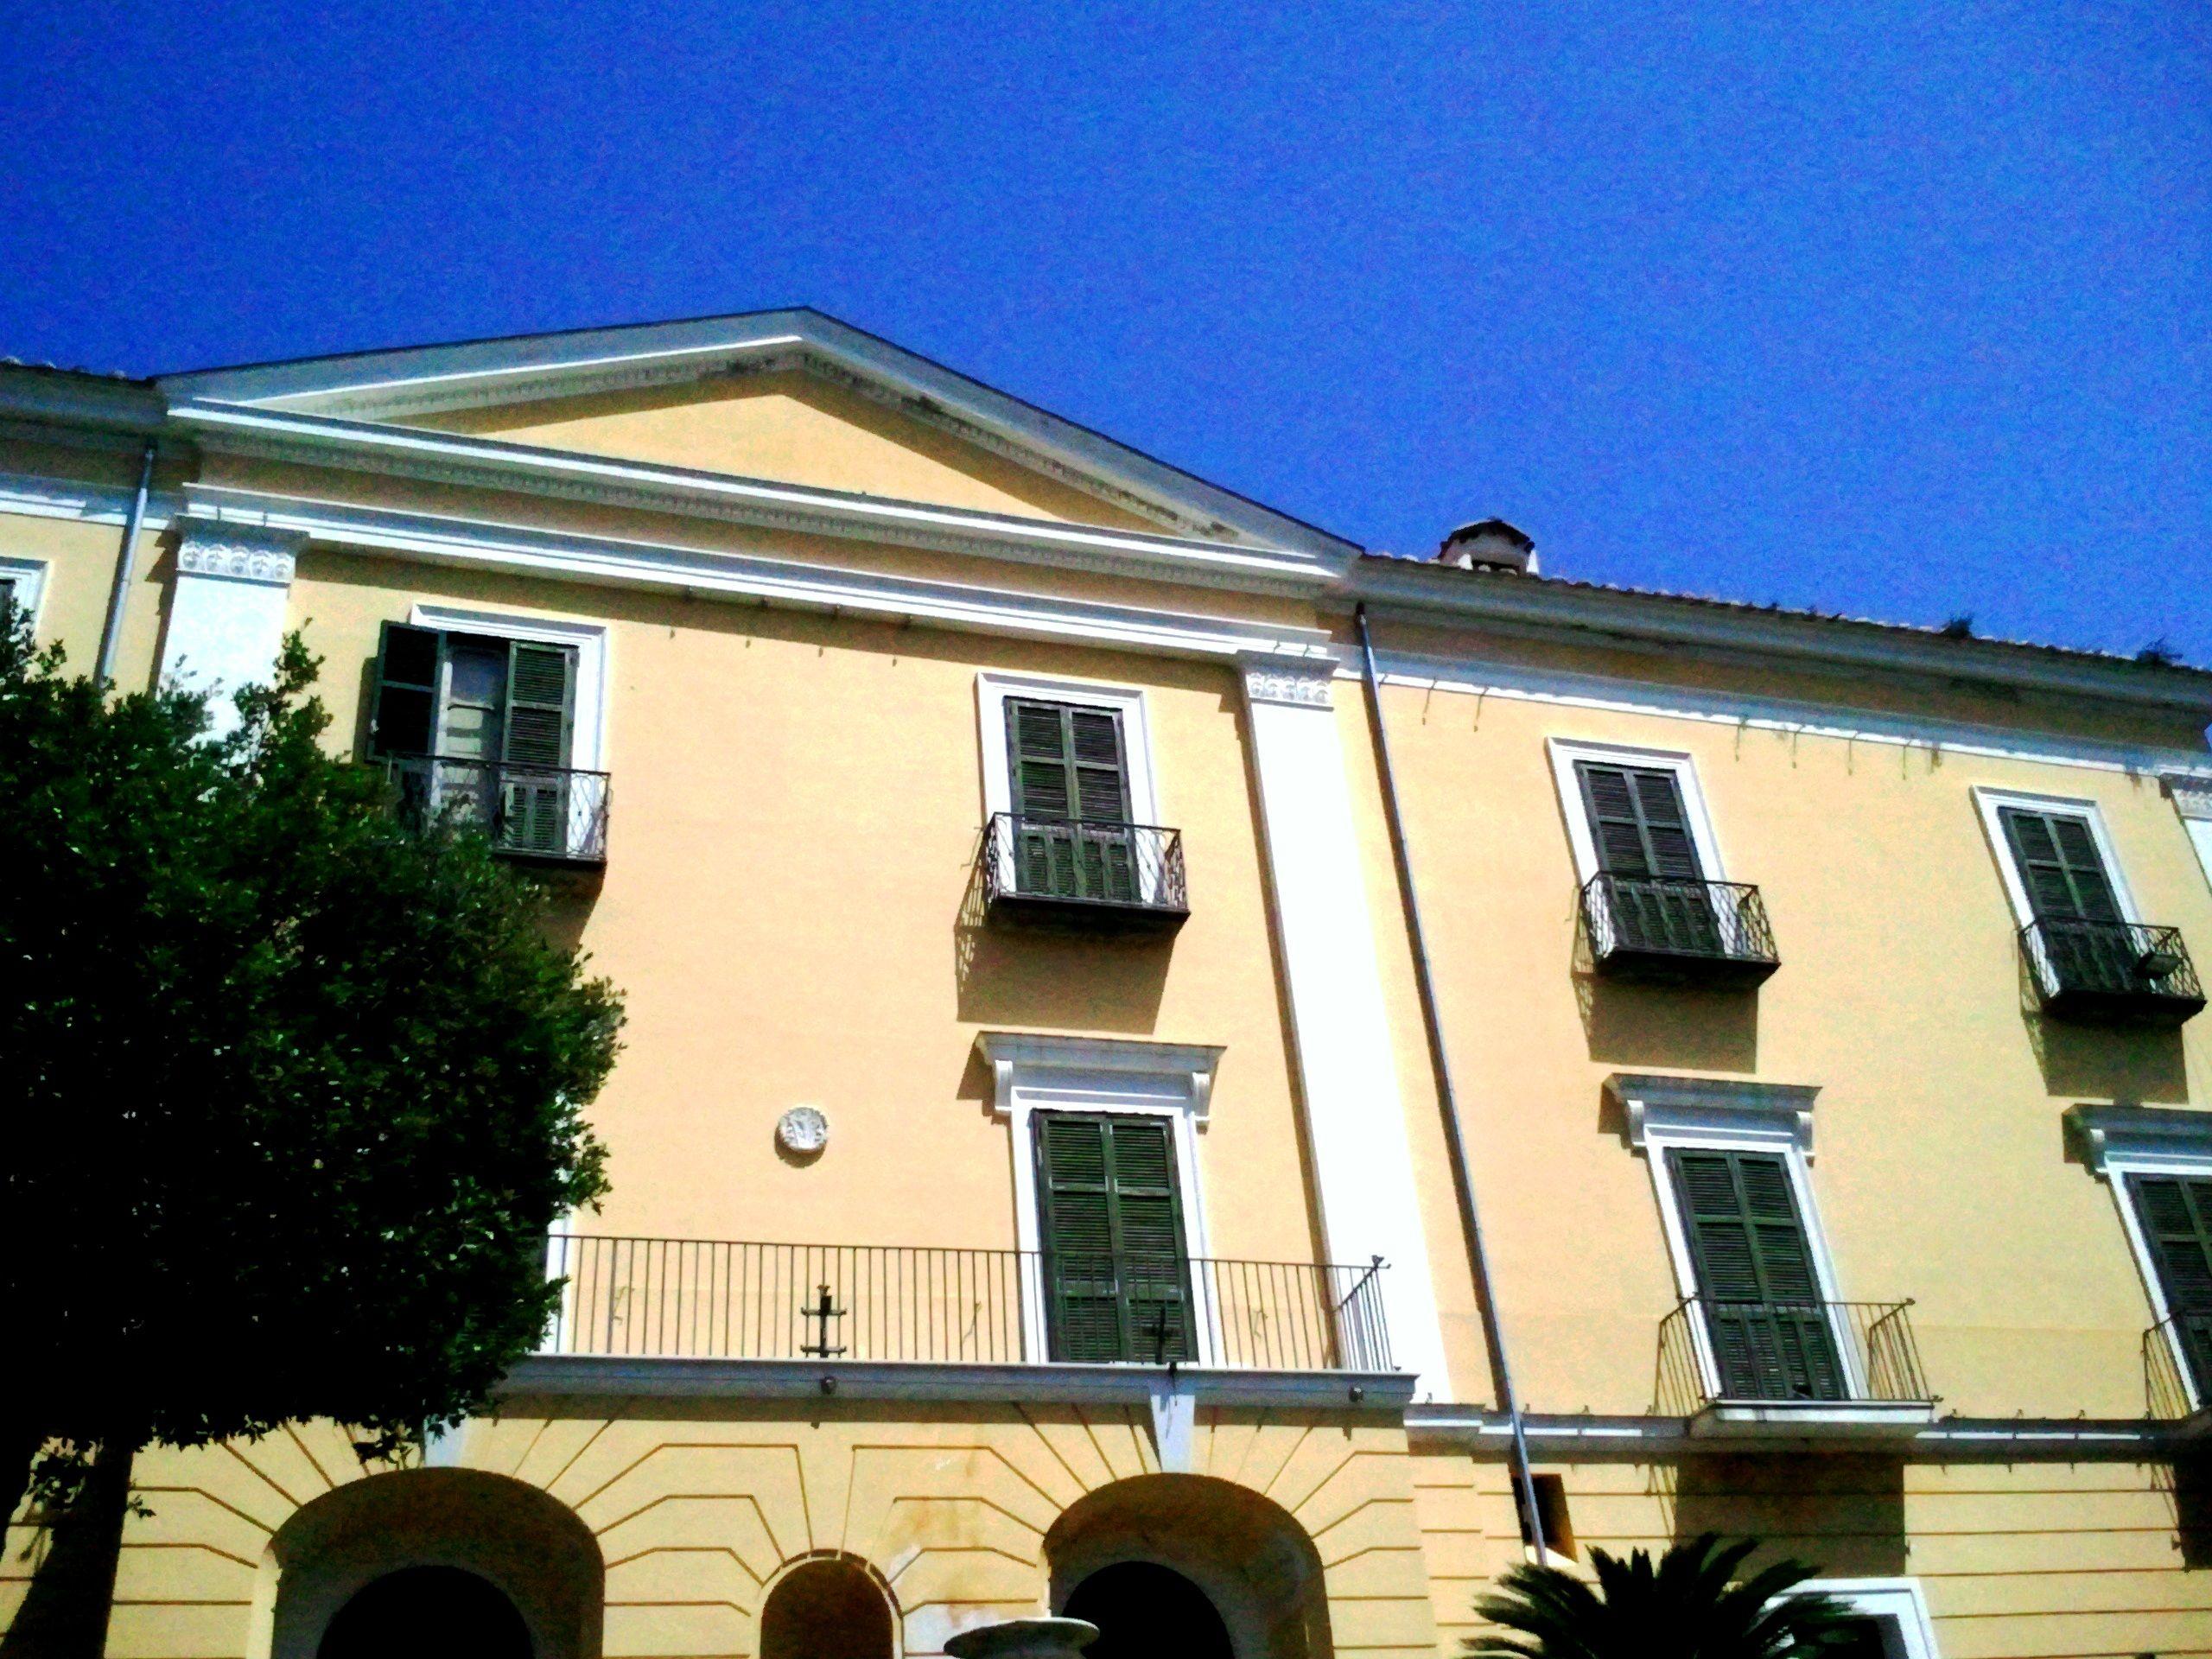 Fontana decorata a maioliche   vietri   #vietri #italia ...